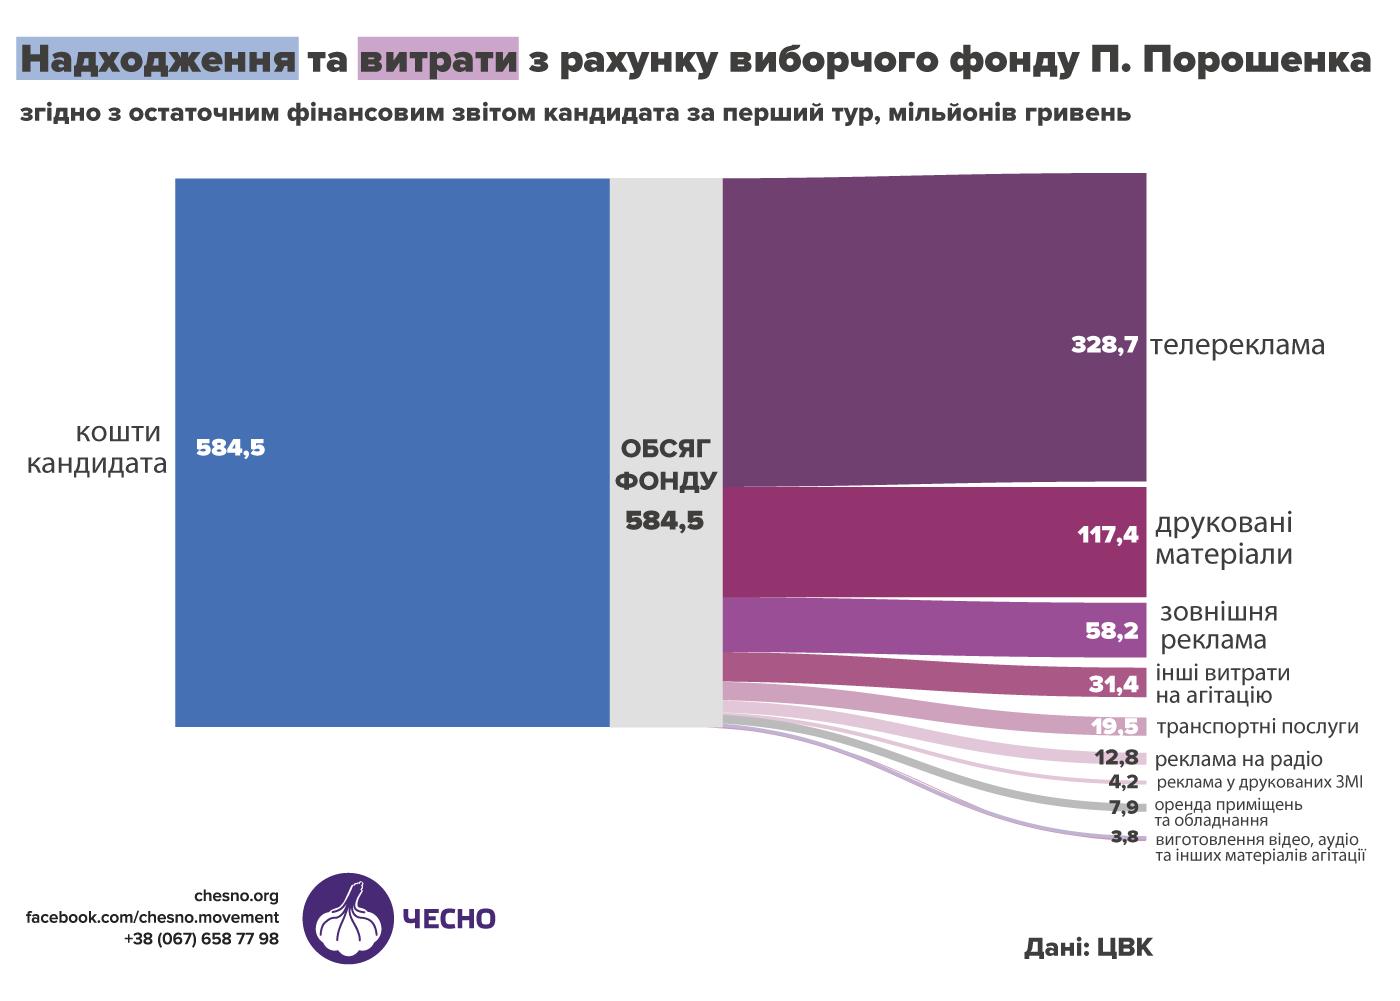 В Чесно рассказали, на что тратил избирательный фонд Порошенко